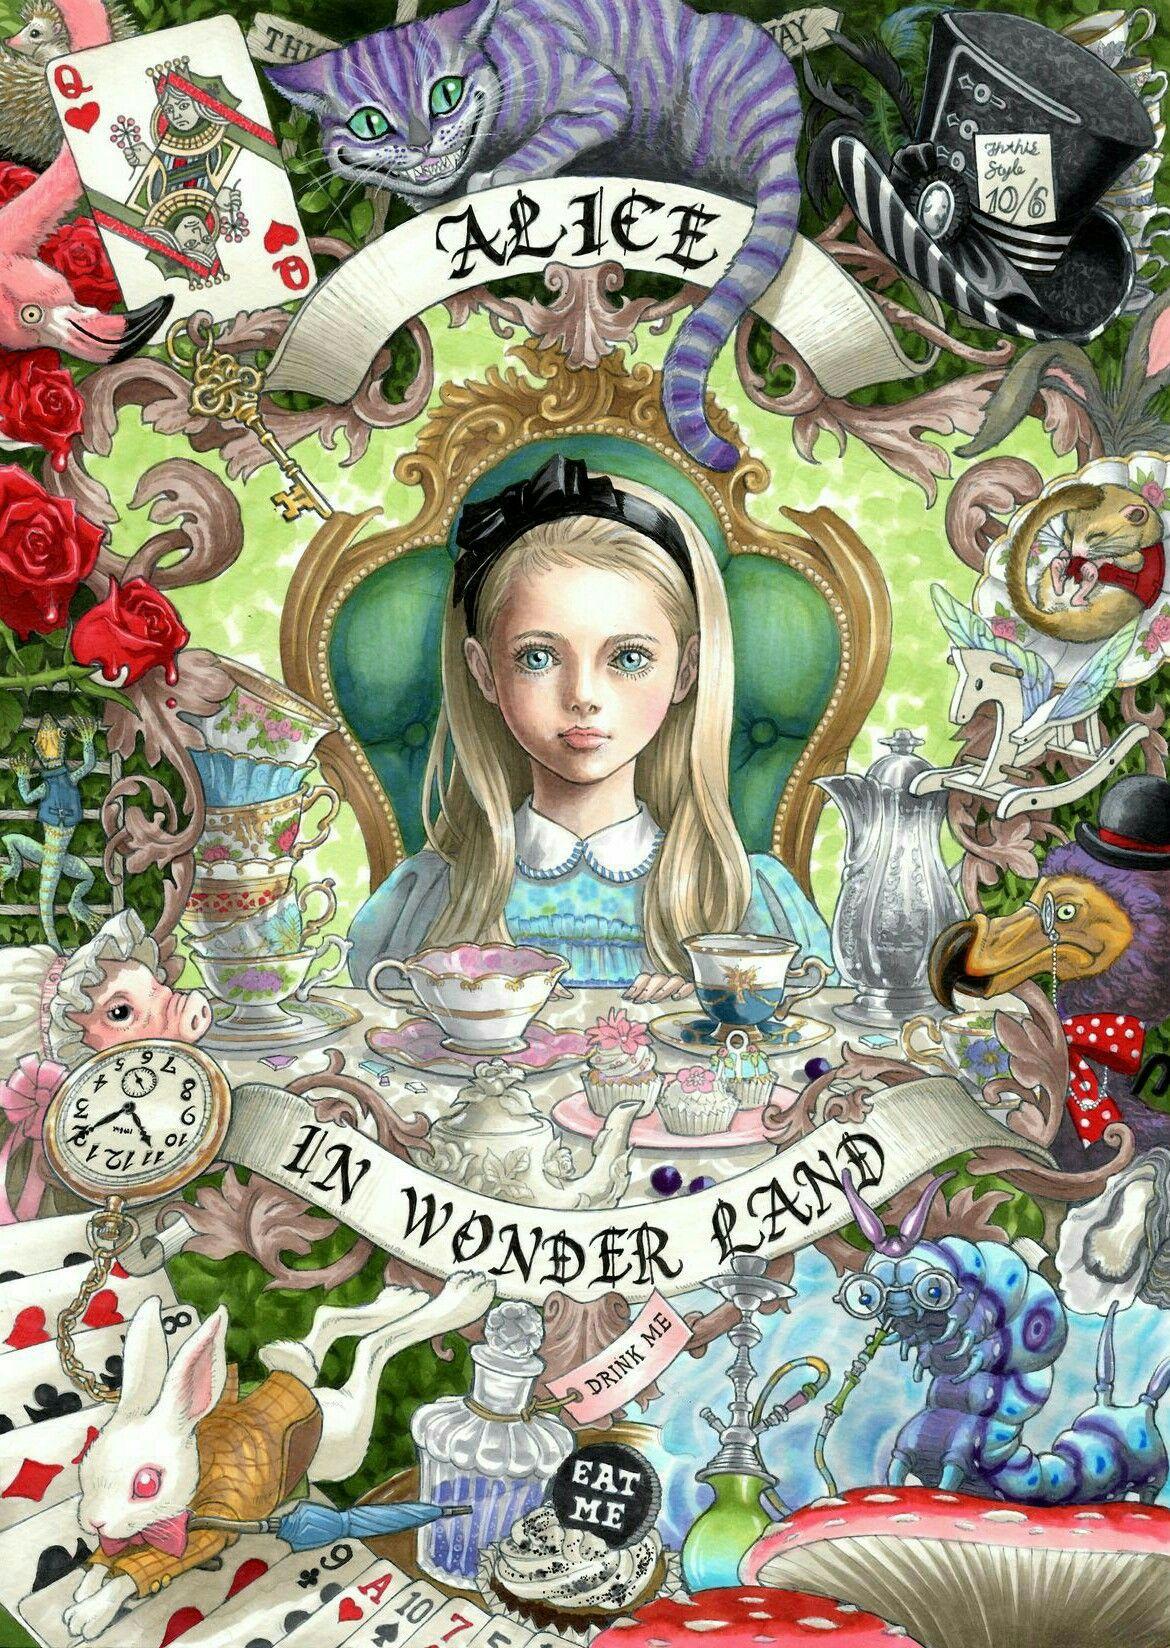 Pin von Samantha Turberg auf wonderland | Pinterest | Zeichnungen ...